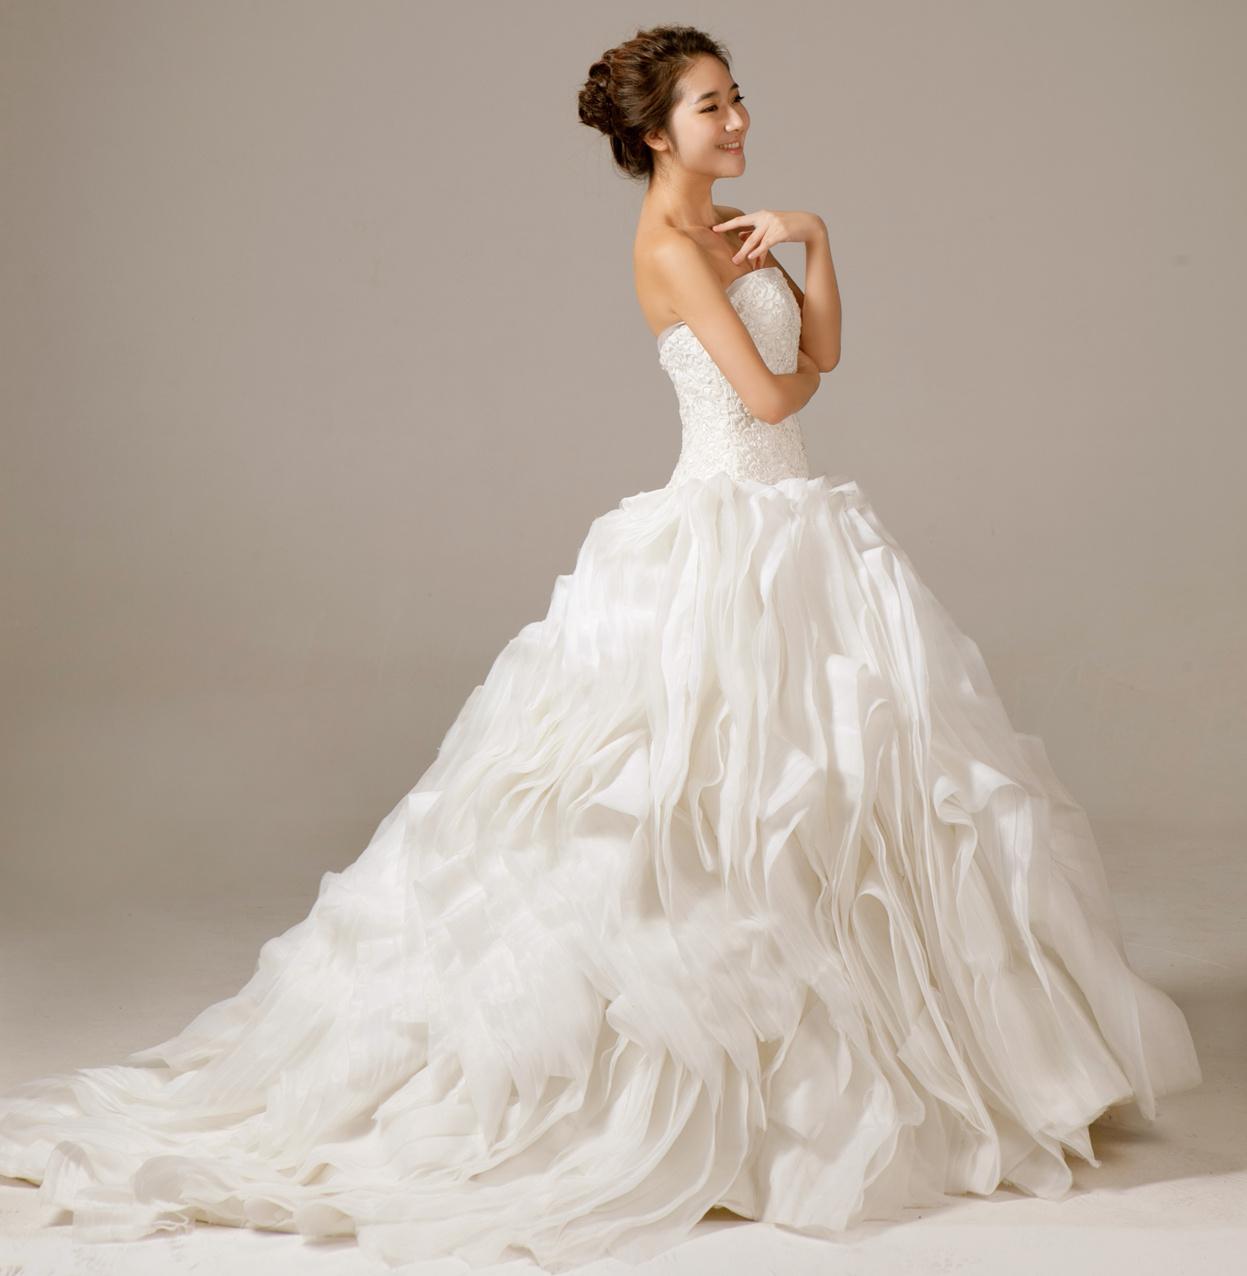 超奢华抹胸M字结婚季领订钻收腰蓬蓬层叠纱拖尾白婚纱礼服 实物拍摄